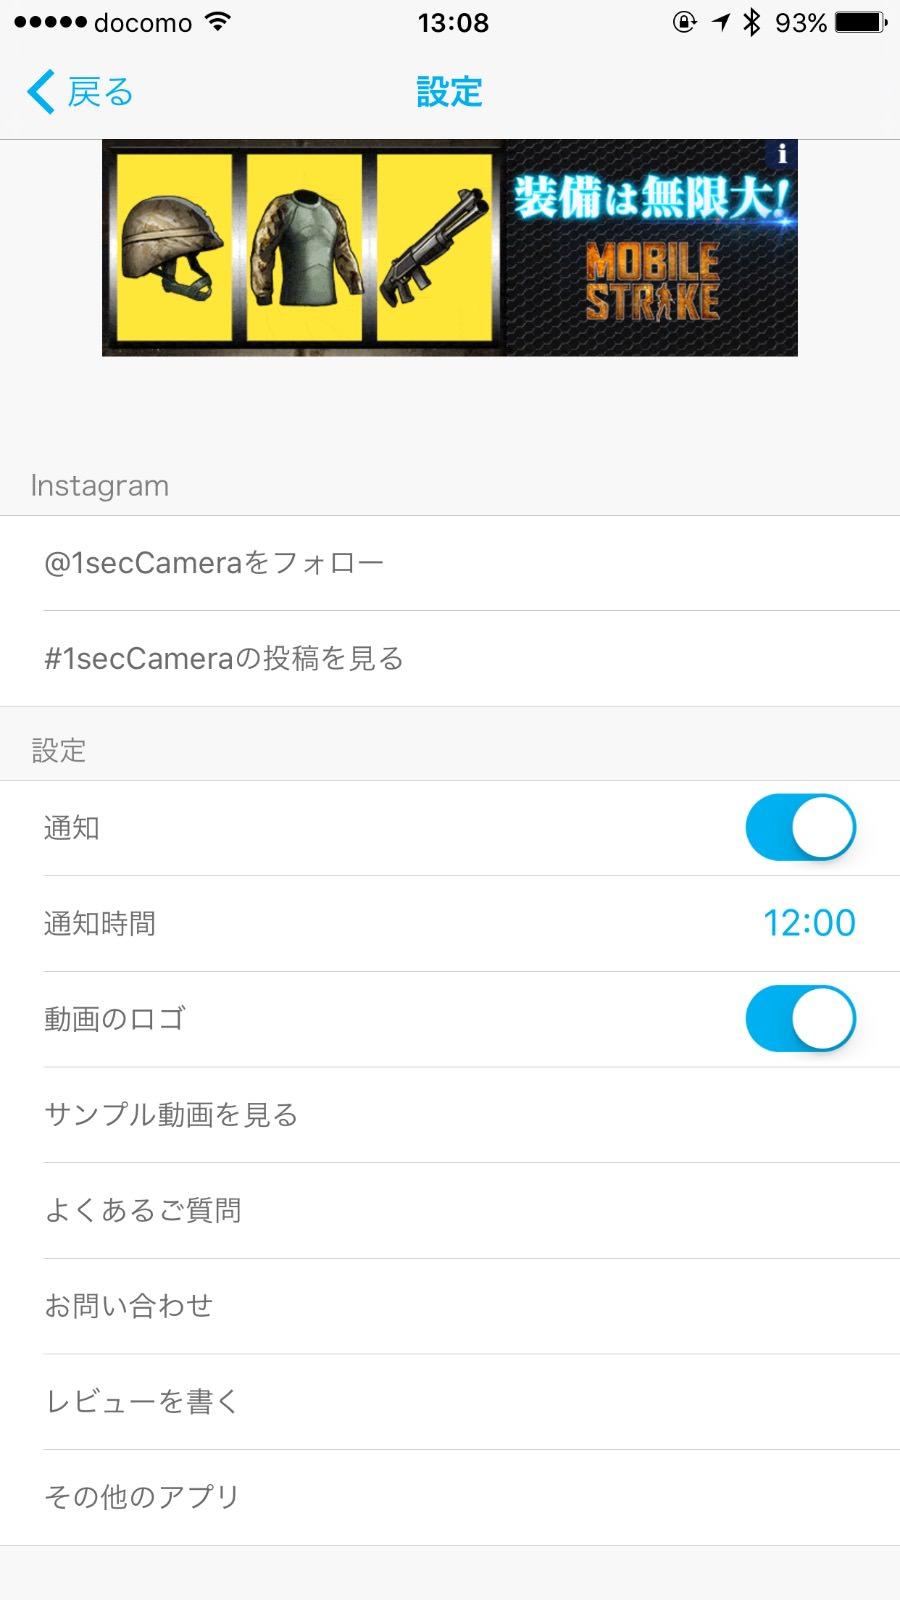 1sec camera 4909